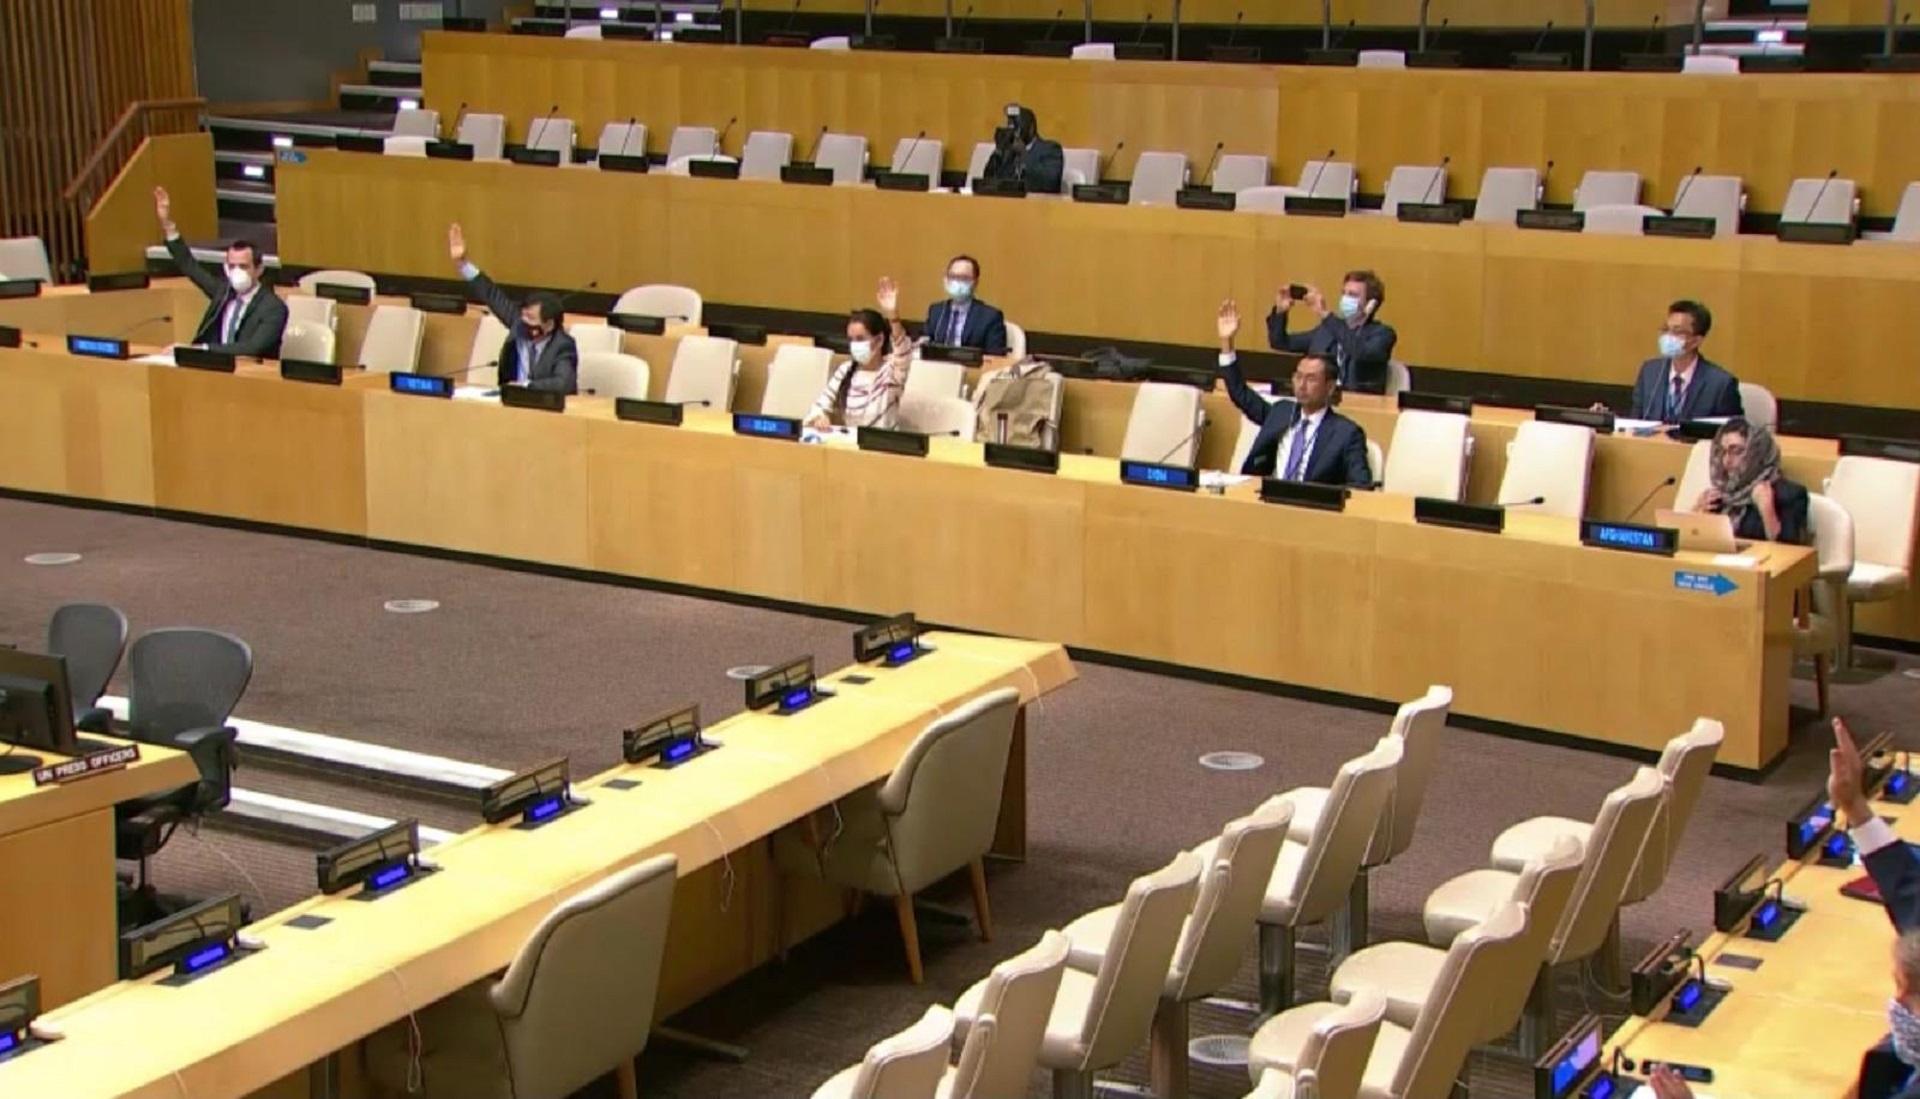 Hội đồng Bảo an LHQ thông qua hai Nghị quyết liên quan đến Libya và Afghanistan